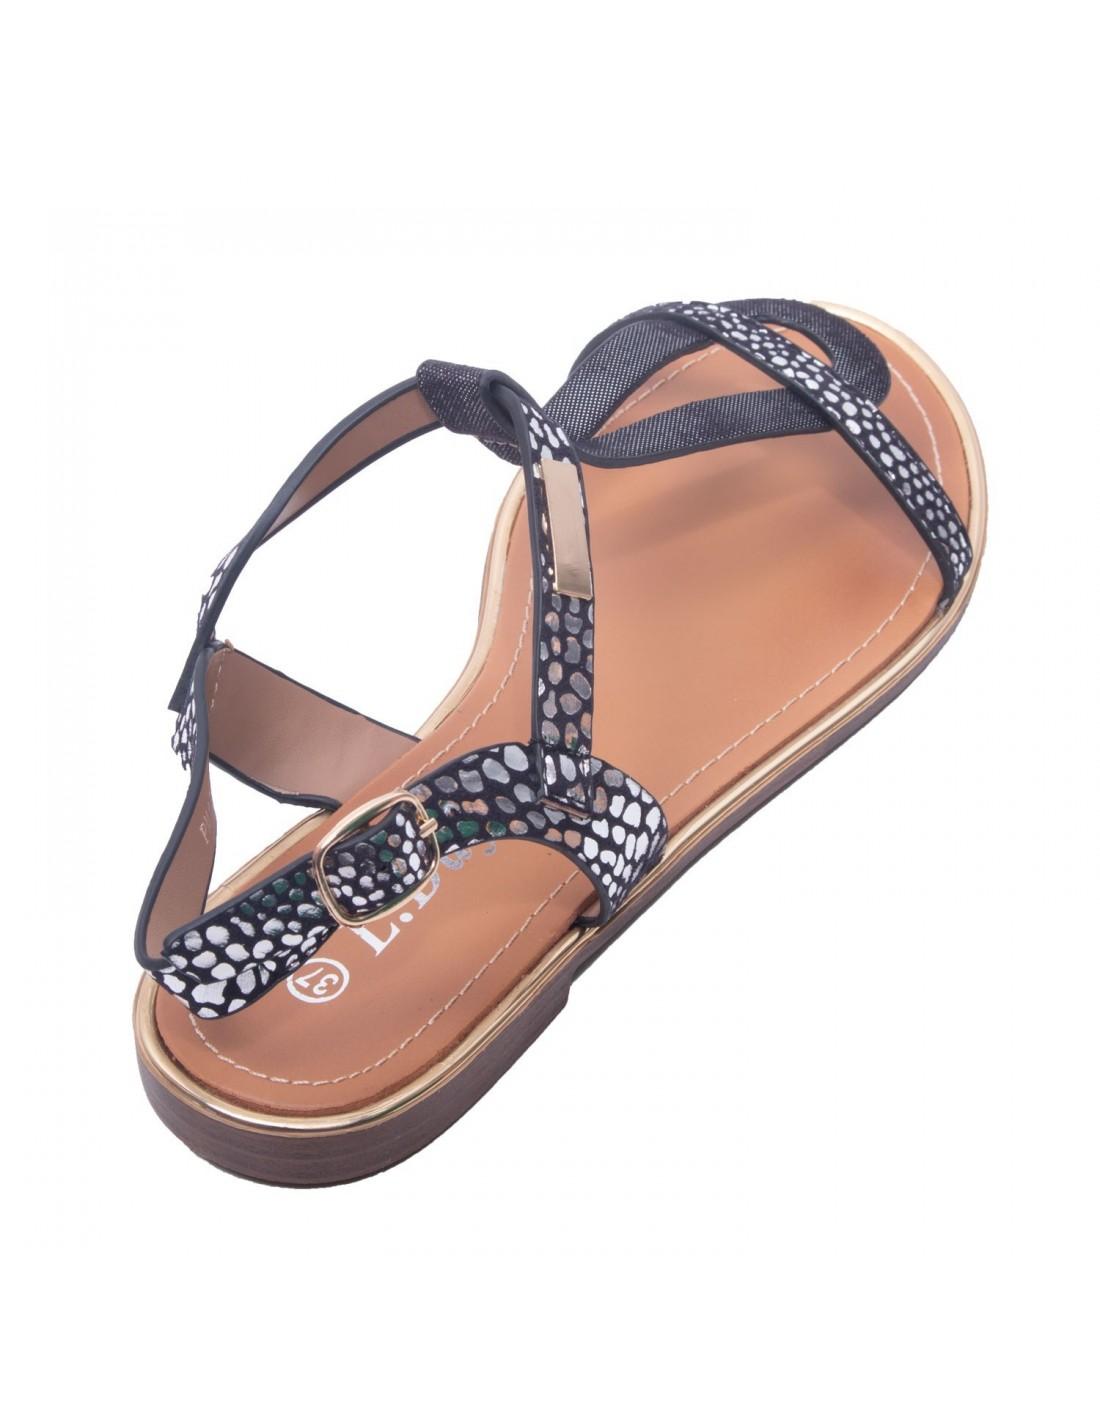 Sandales à talon carré en simili cuir blanc